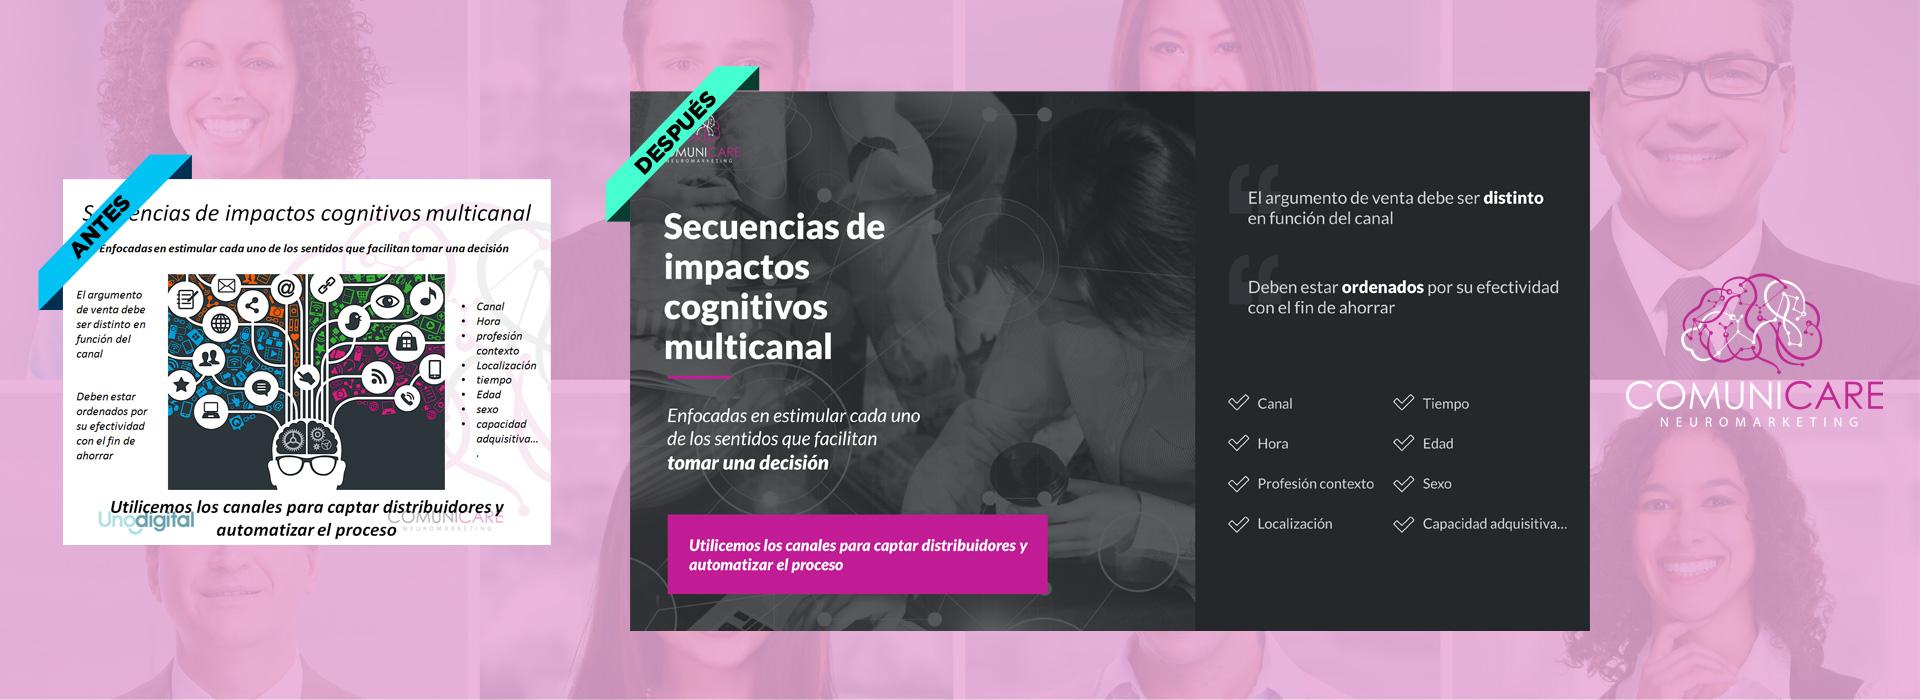 cabecera_power_point_comunicare